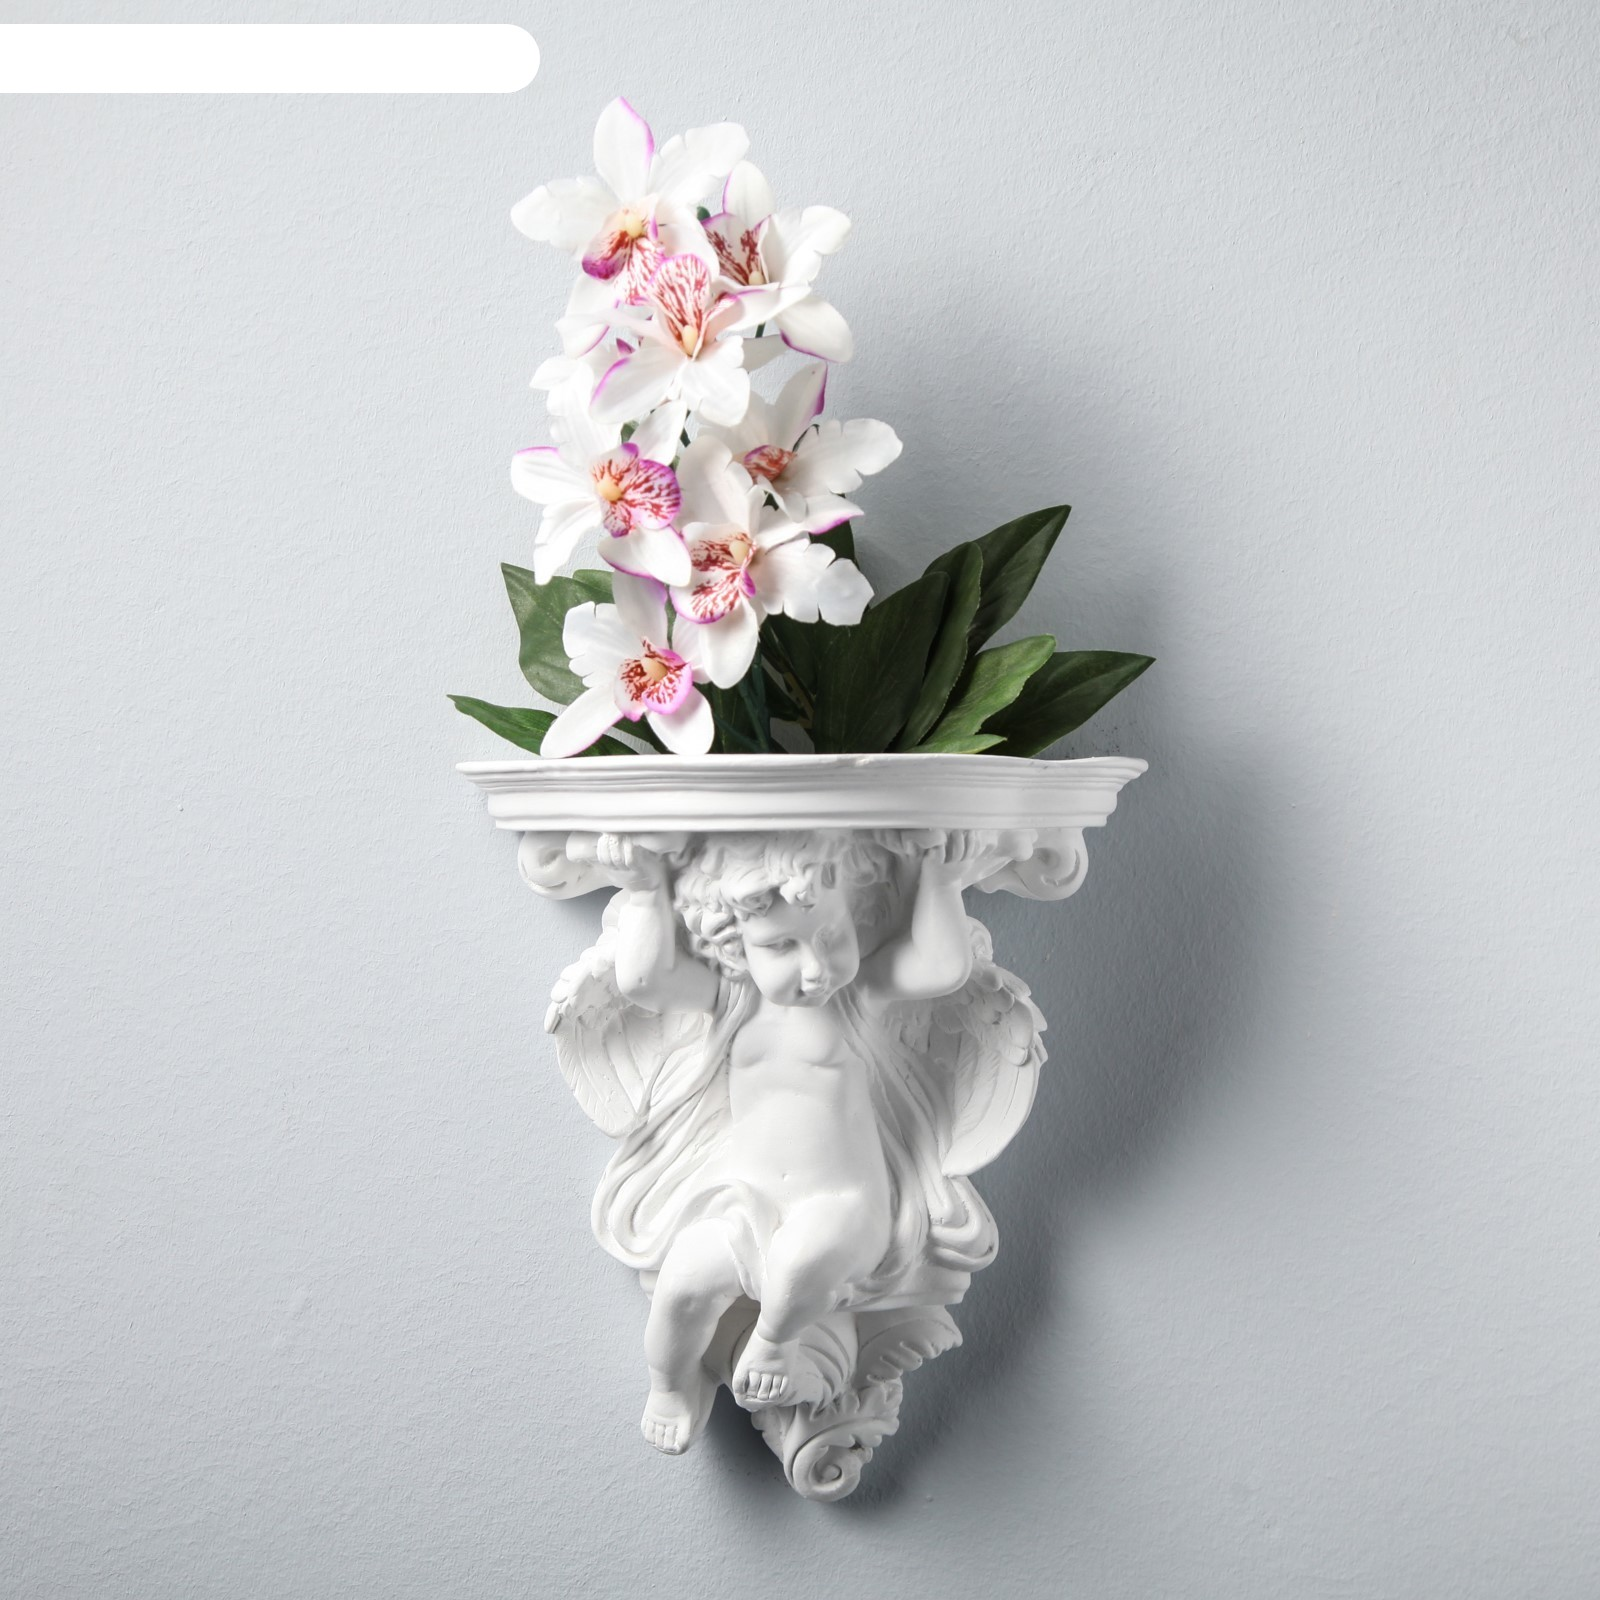 Декоративное кашпо ангел, 23 х 21 см, белый (3556560 ... Пила Ловушка Ангел